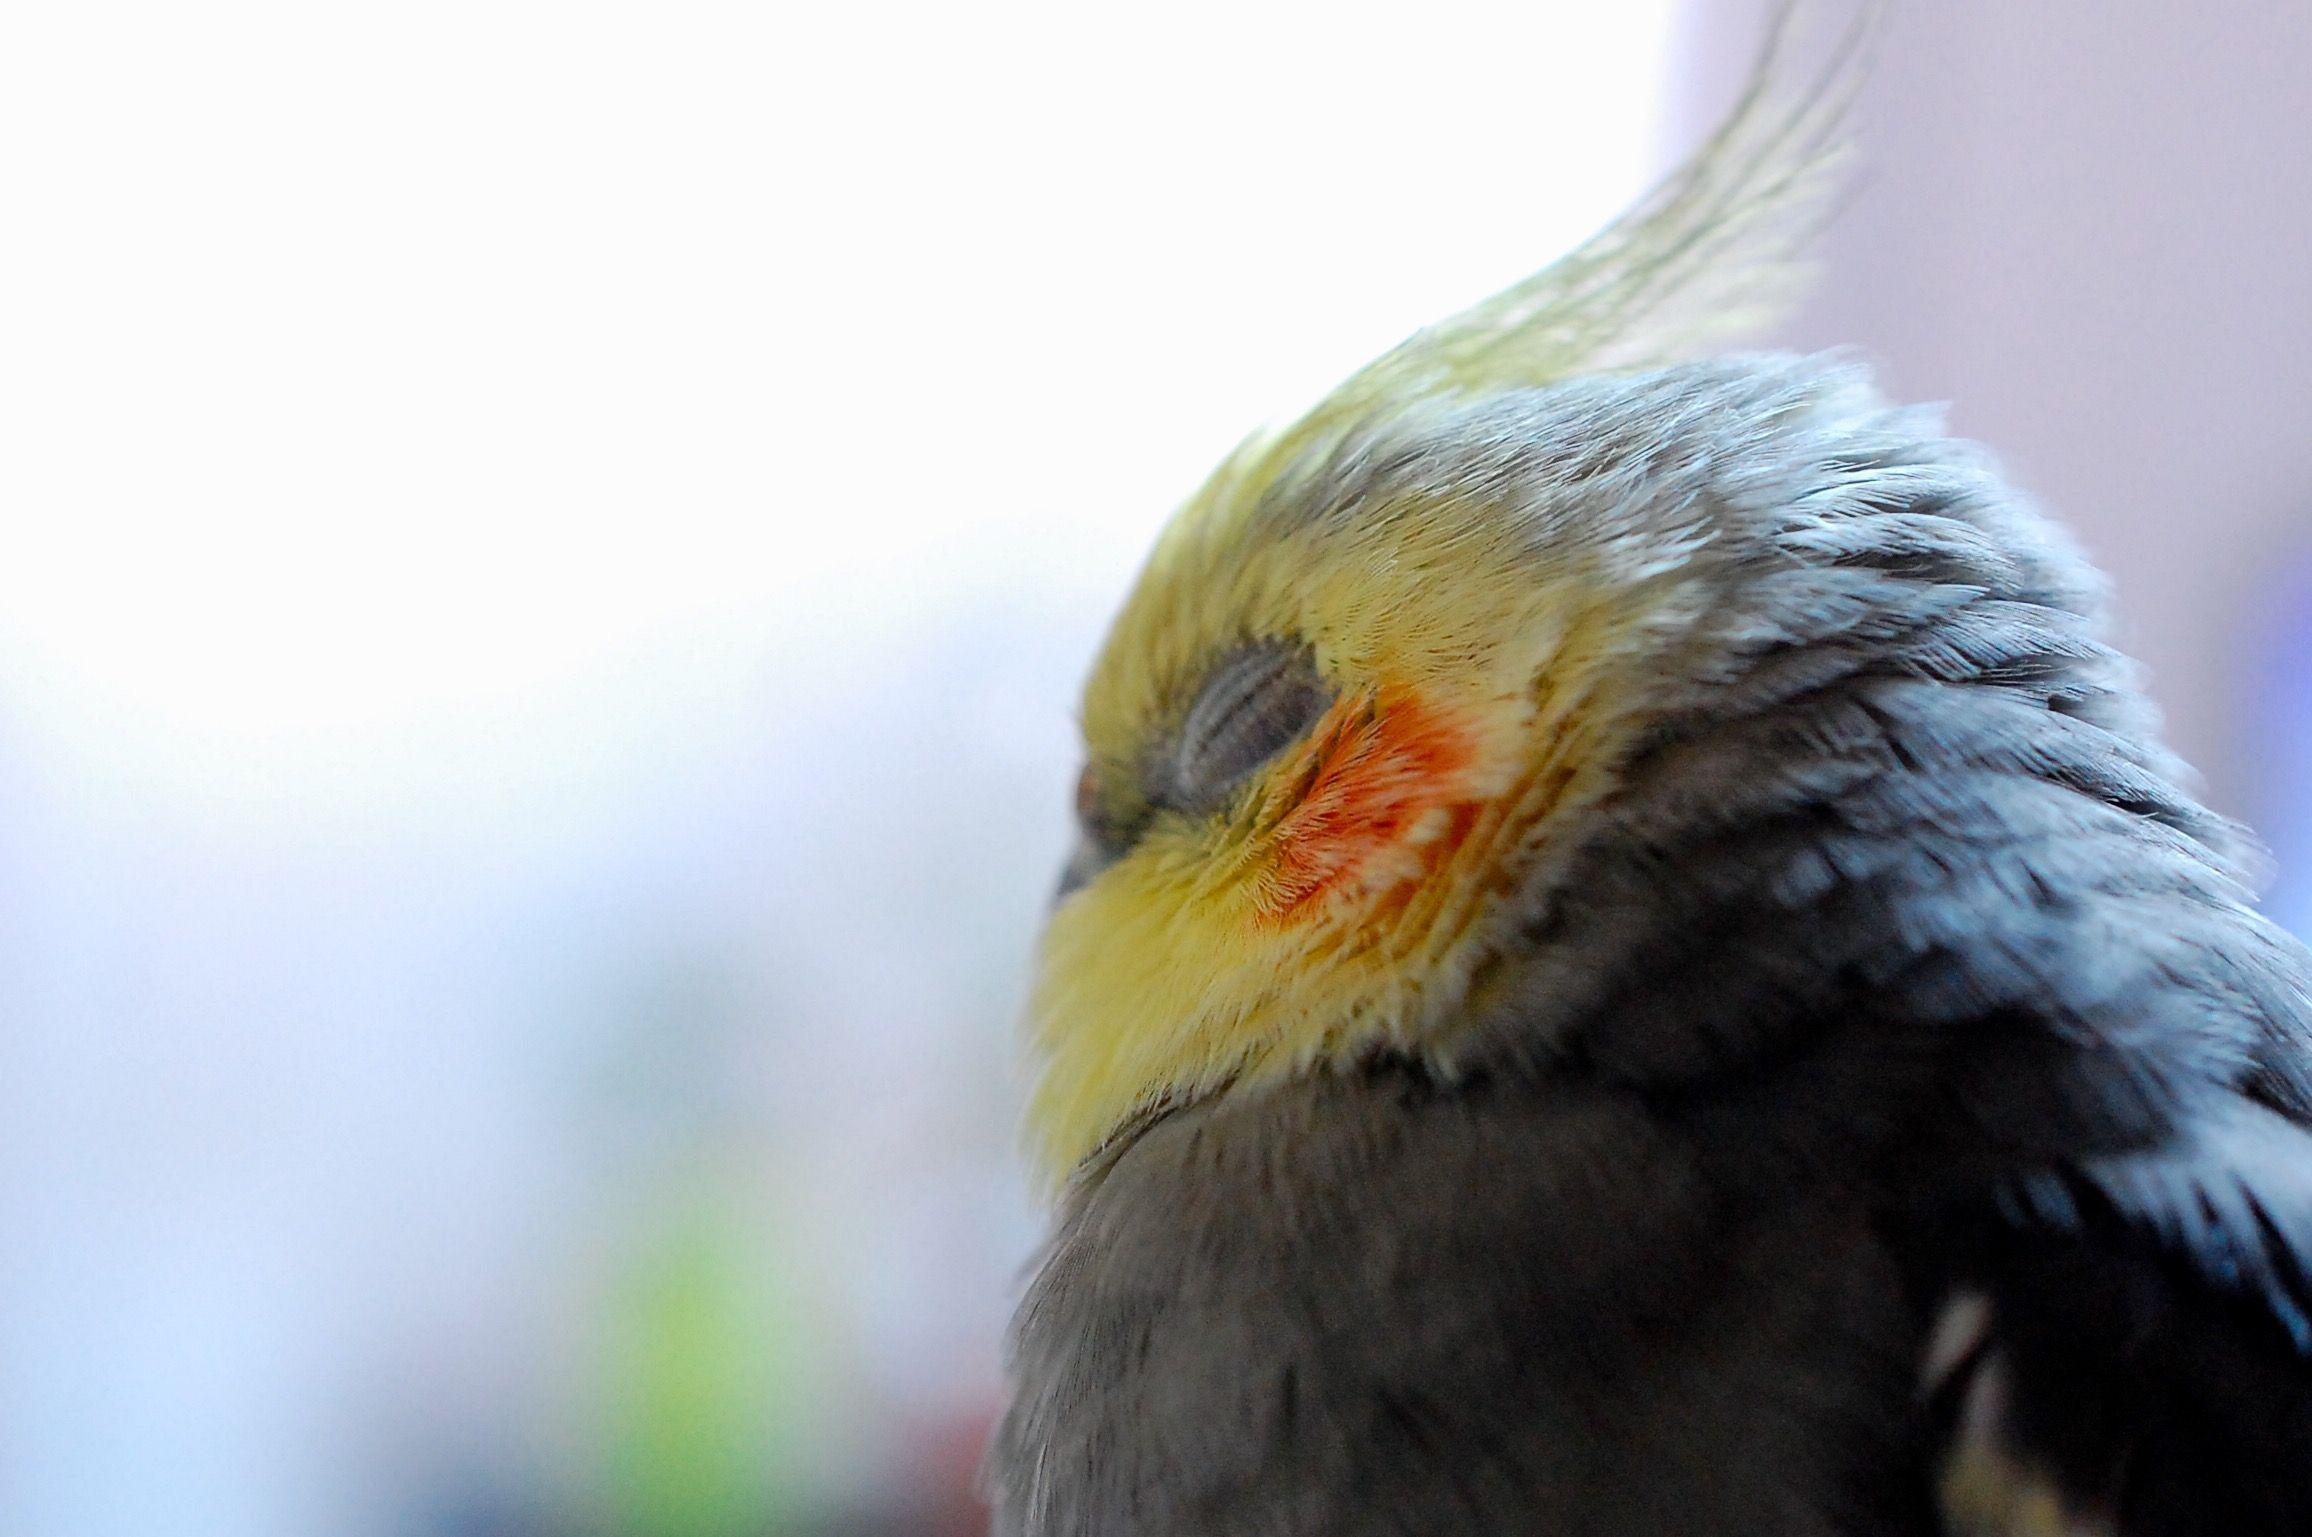 چرت زدن و خوابیدن بیش از حد پرنده نشانه بیماری عروس هلندی است